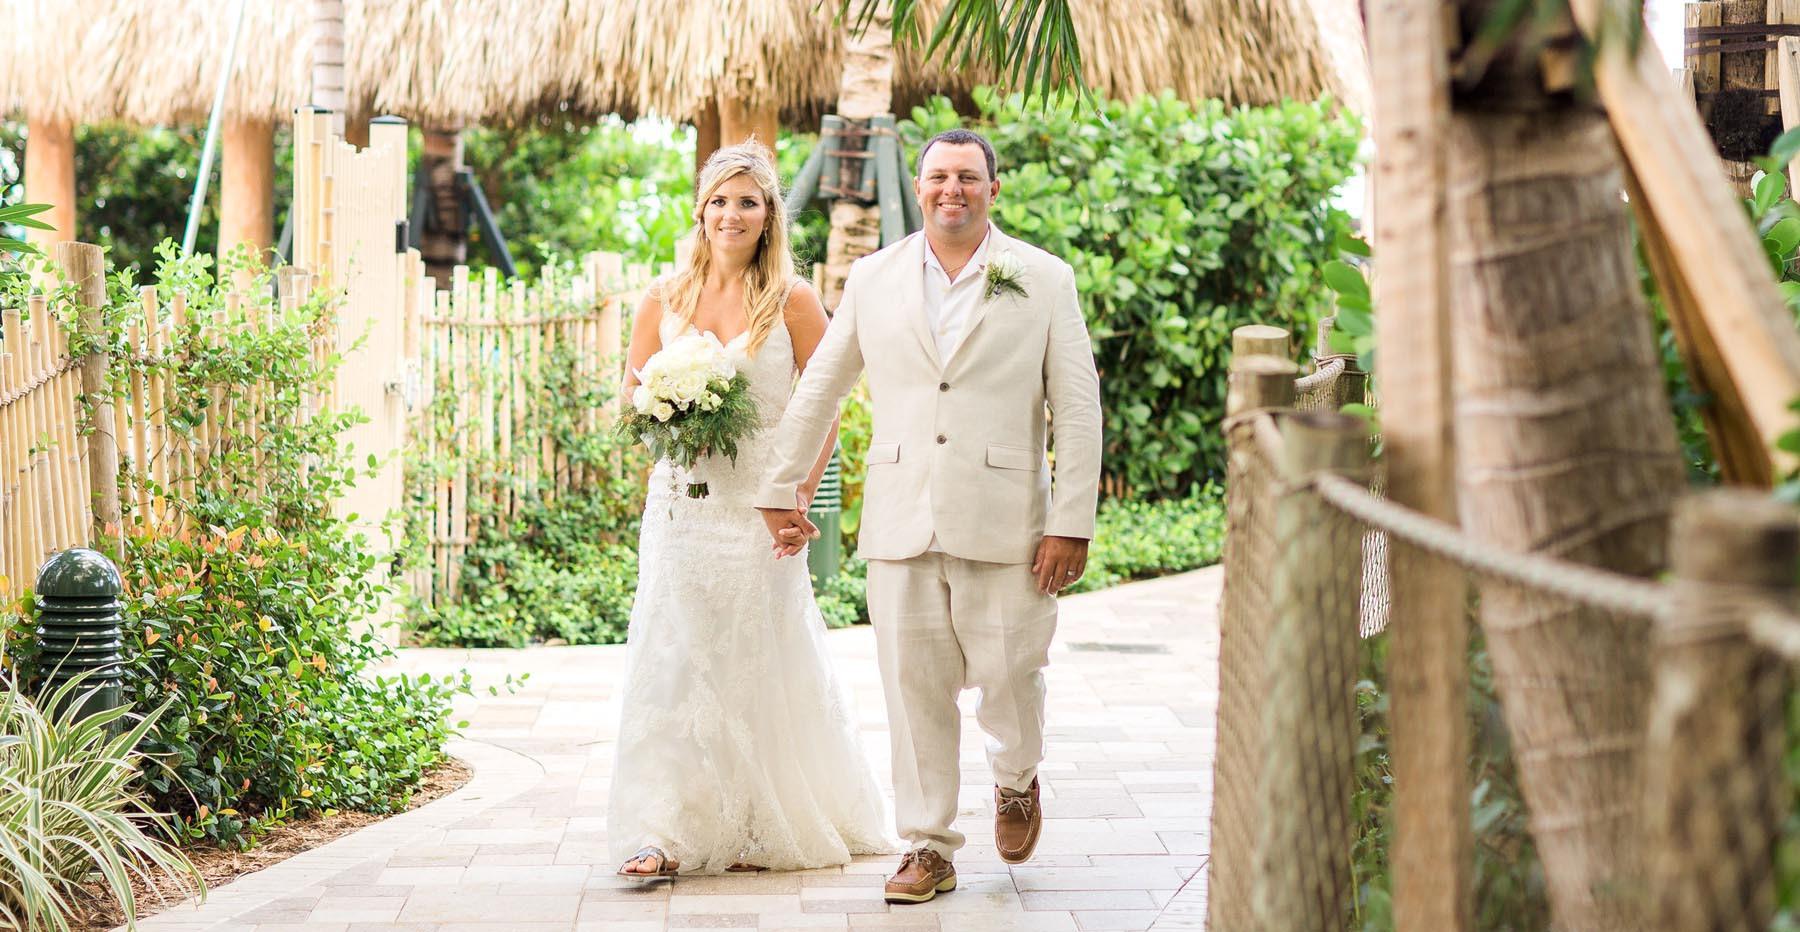 Wedding couple walking outdoors